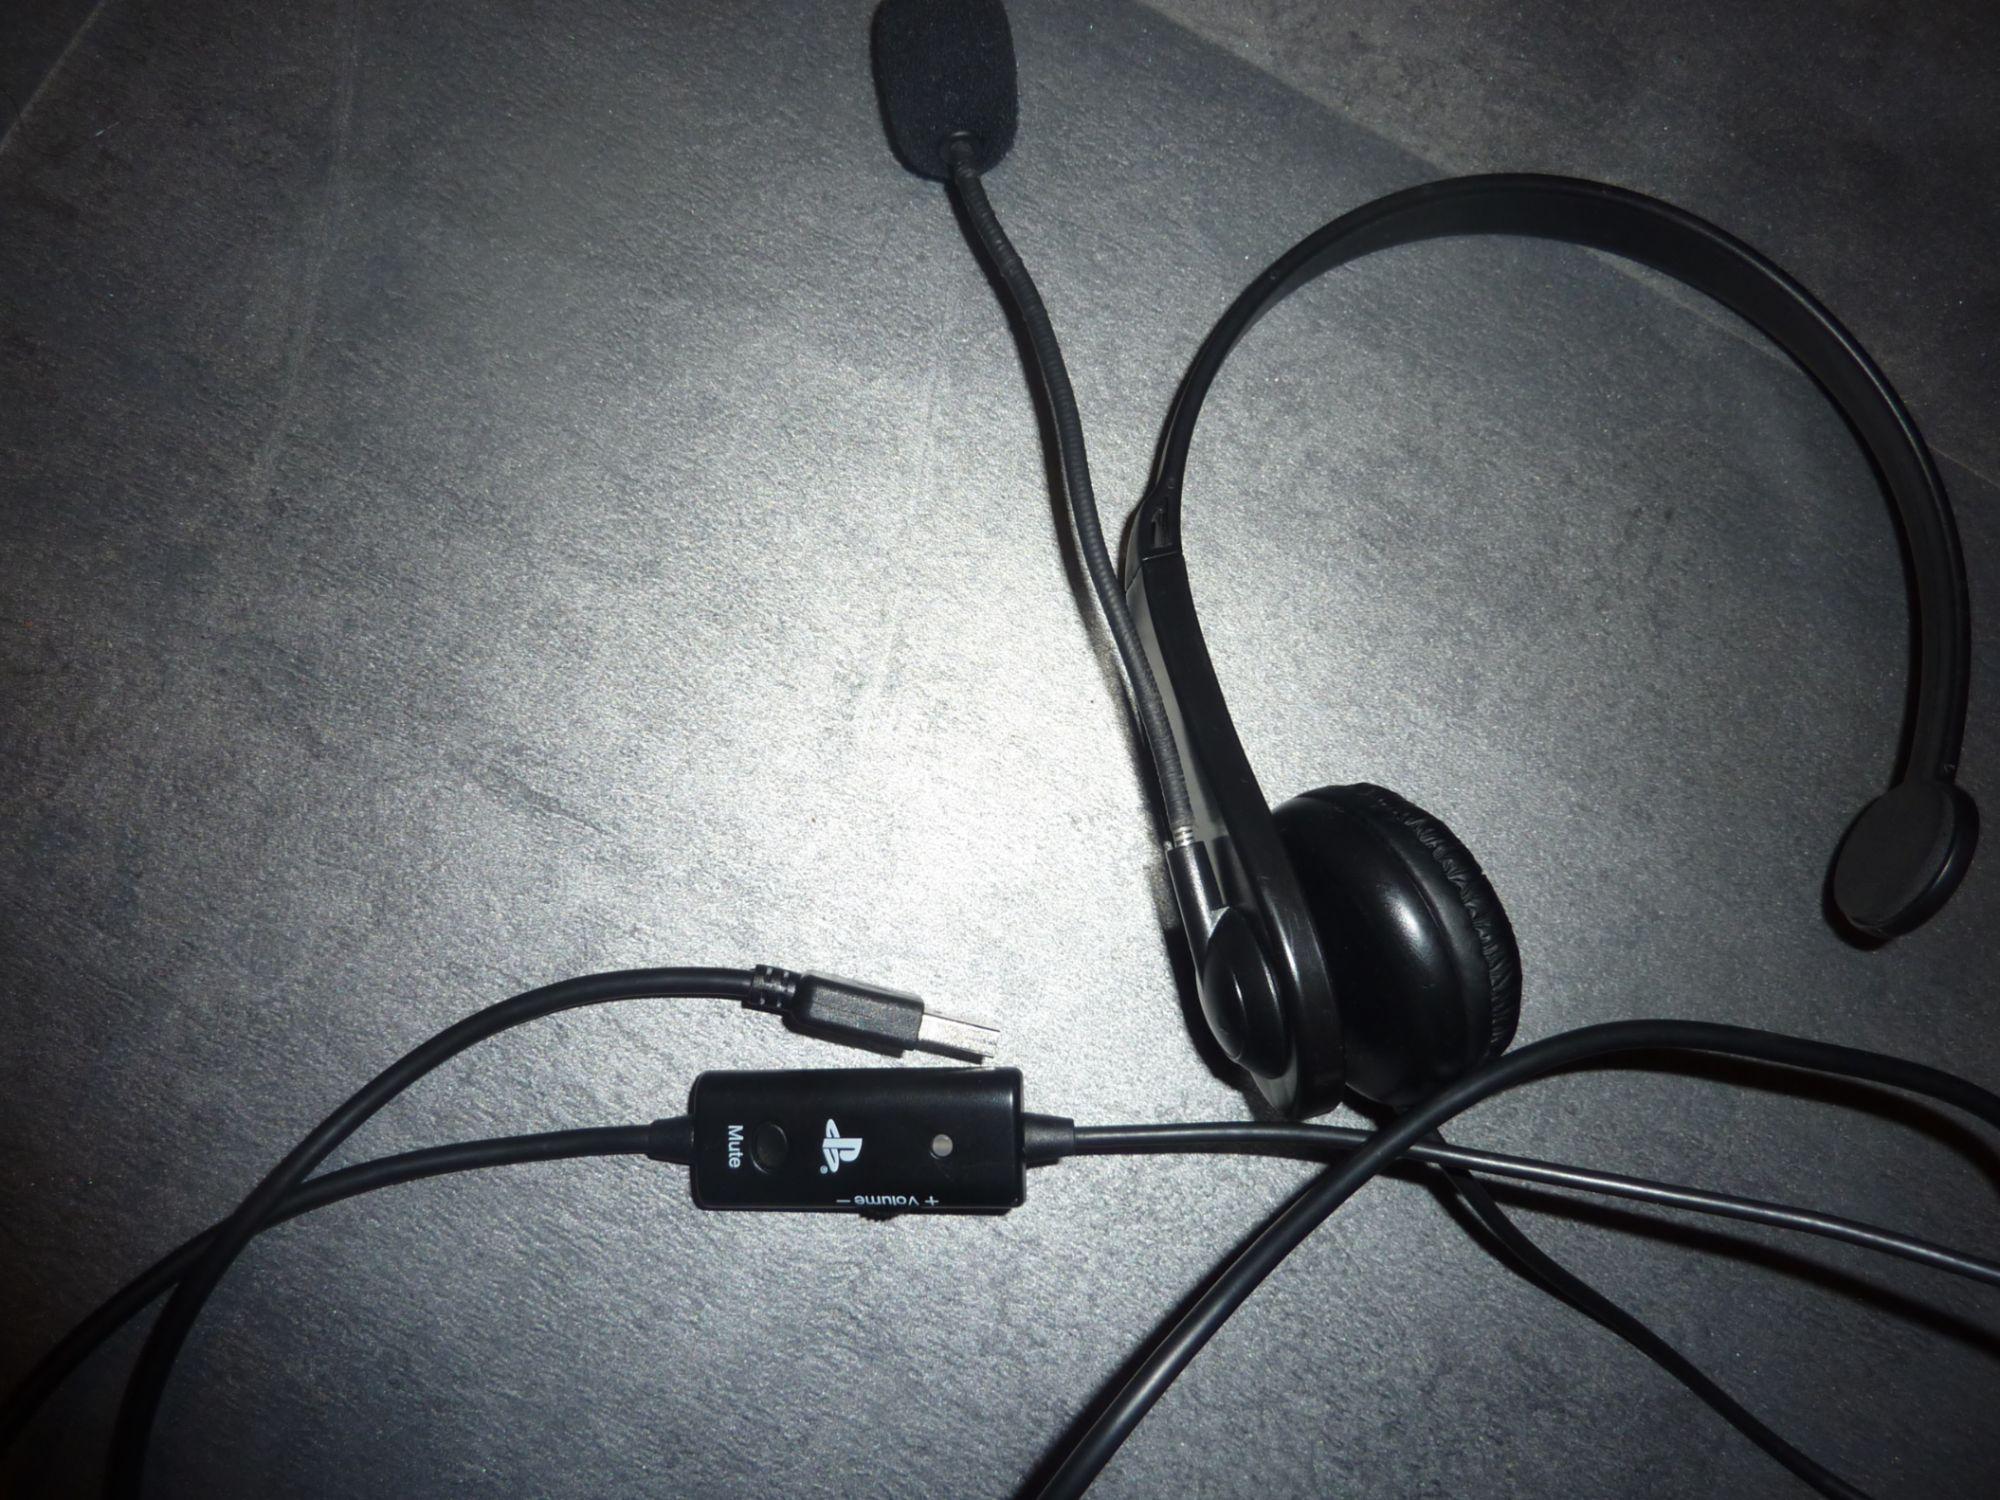 troc de troc casque ps3 chat headset image 0